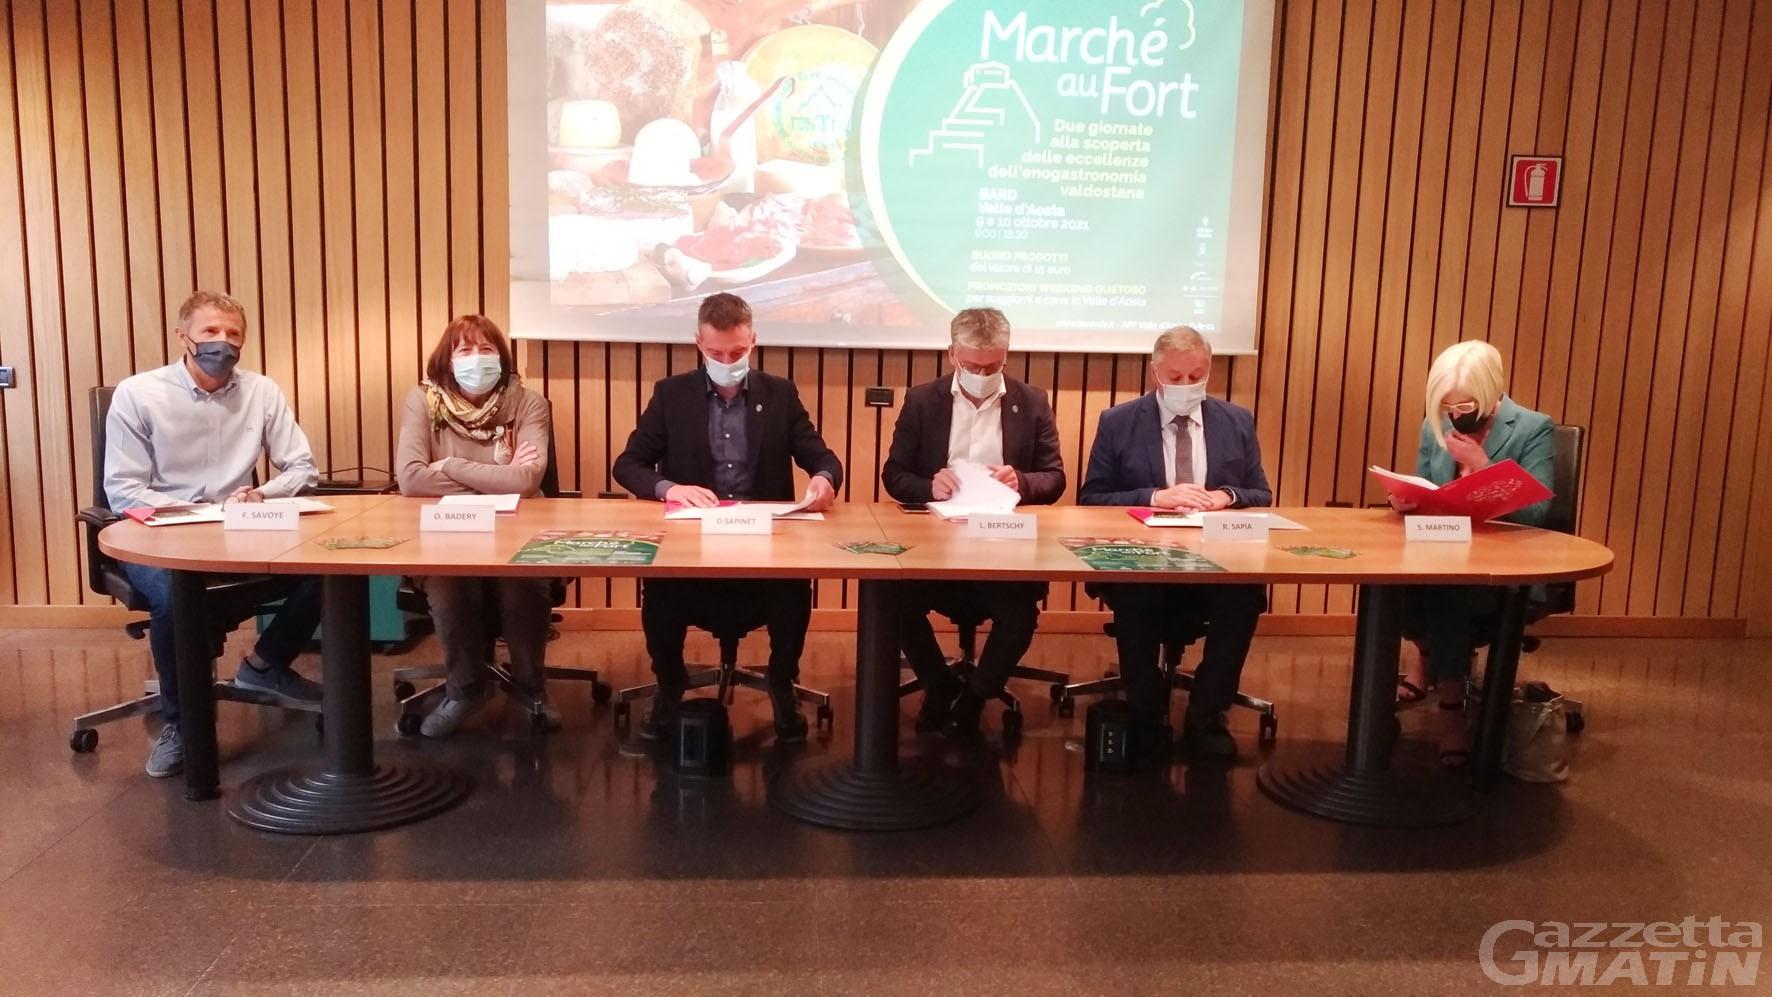 Enogastronomia, Bard: per Marché au Fort 65 aziende allestiranno i loro banchetti